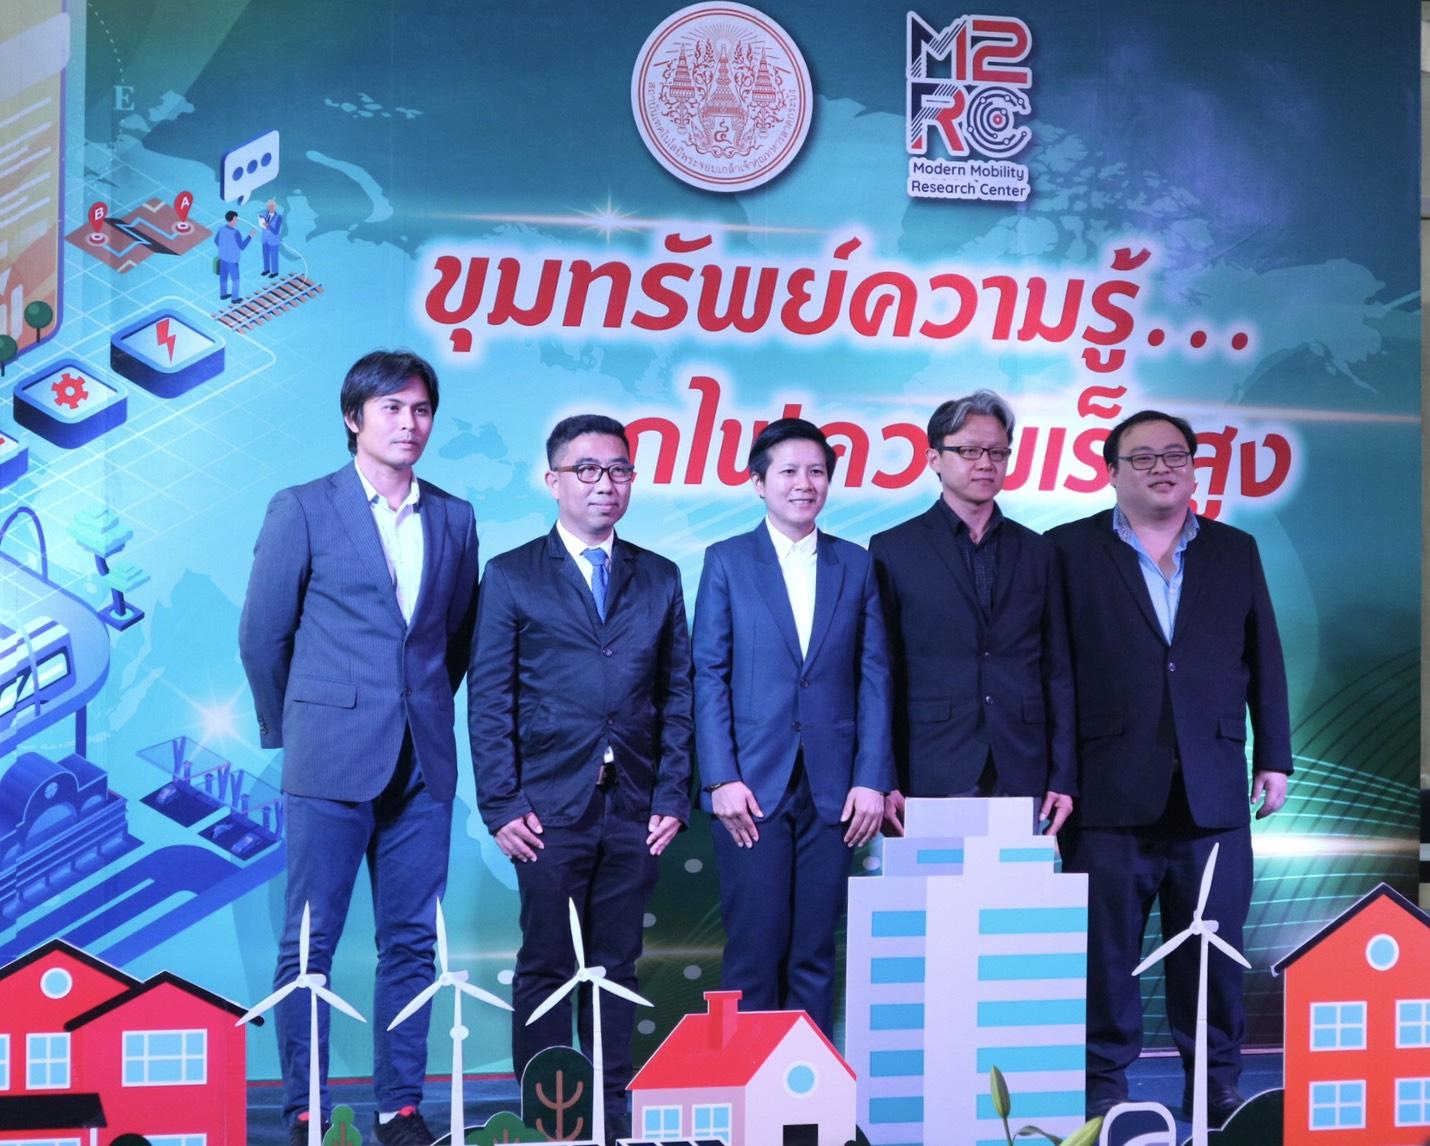 สจล.ยันความพร้อมถ่ายทอดเทคโนโลยีรถไฟสูงของไทย ปั้นกำลังคุณภาพตามนโยบาย 4.0